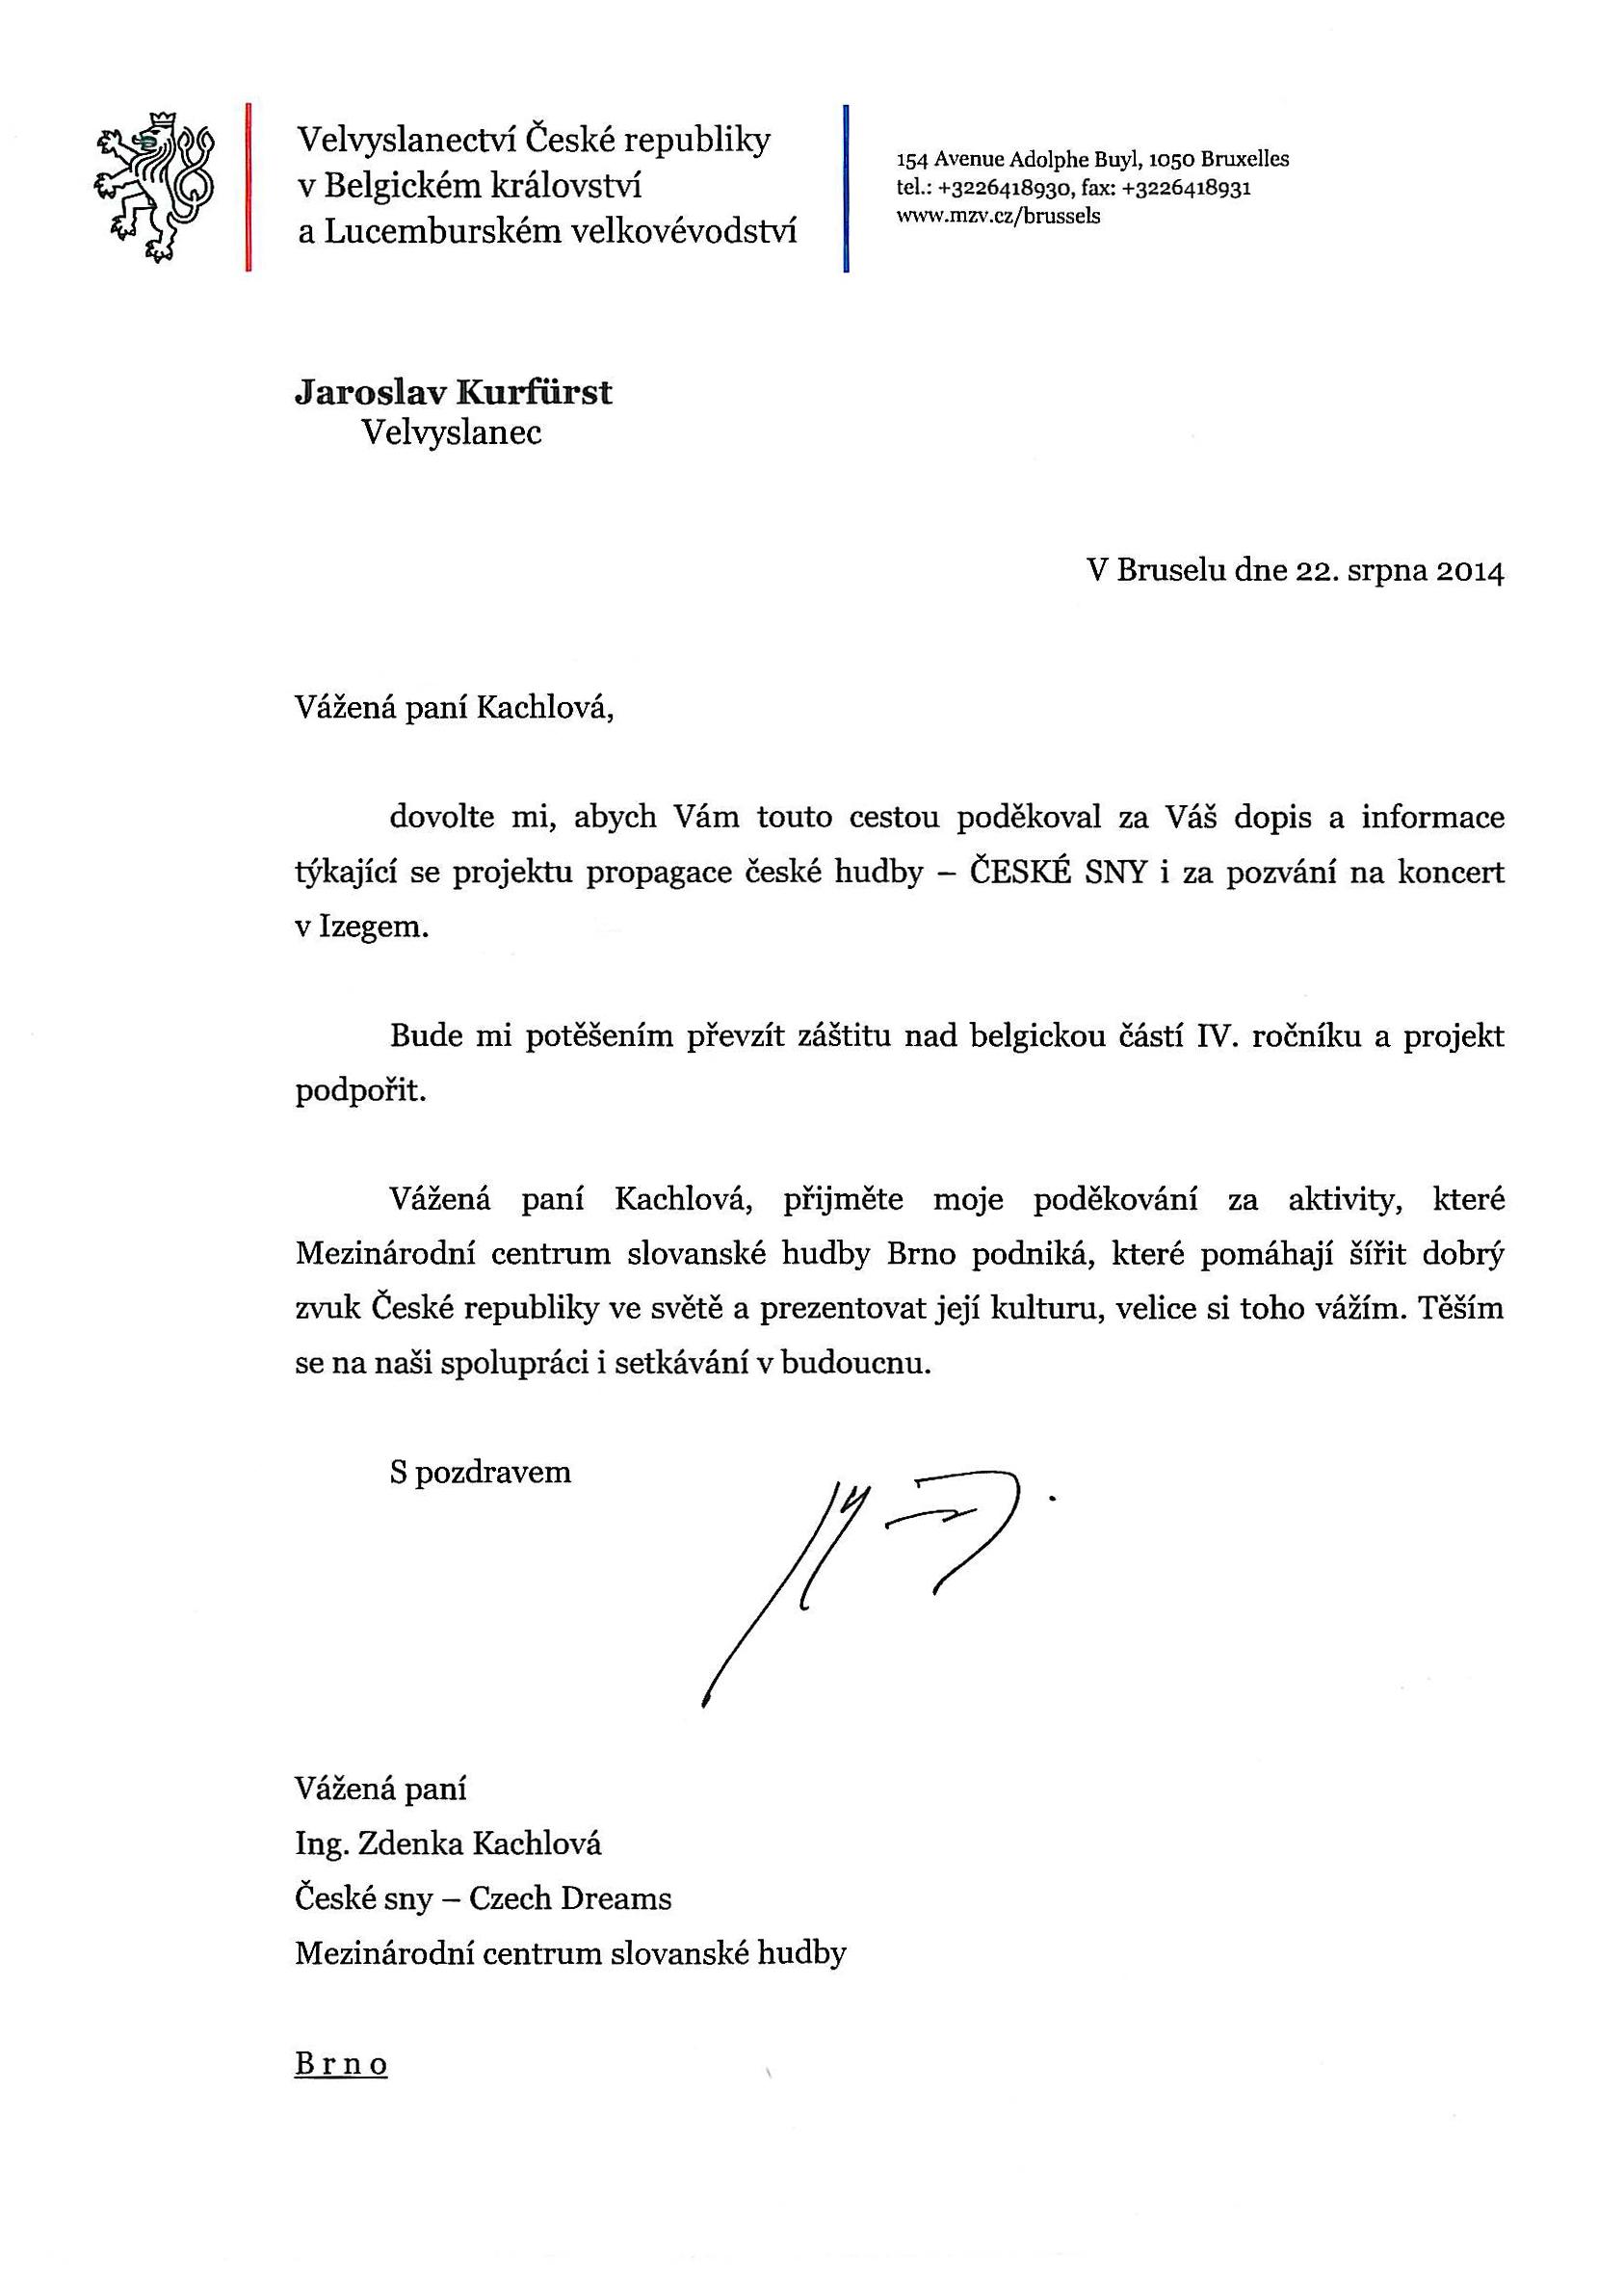 velvyslanec ČR v Belgii a Lucembursku